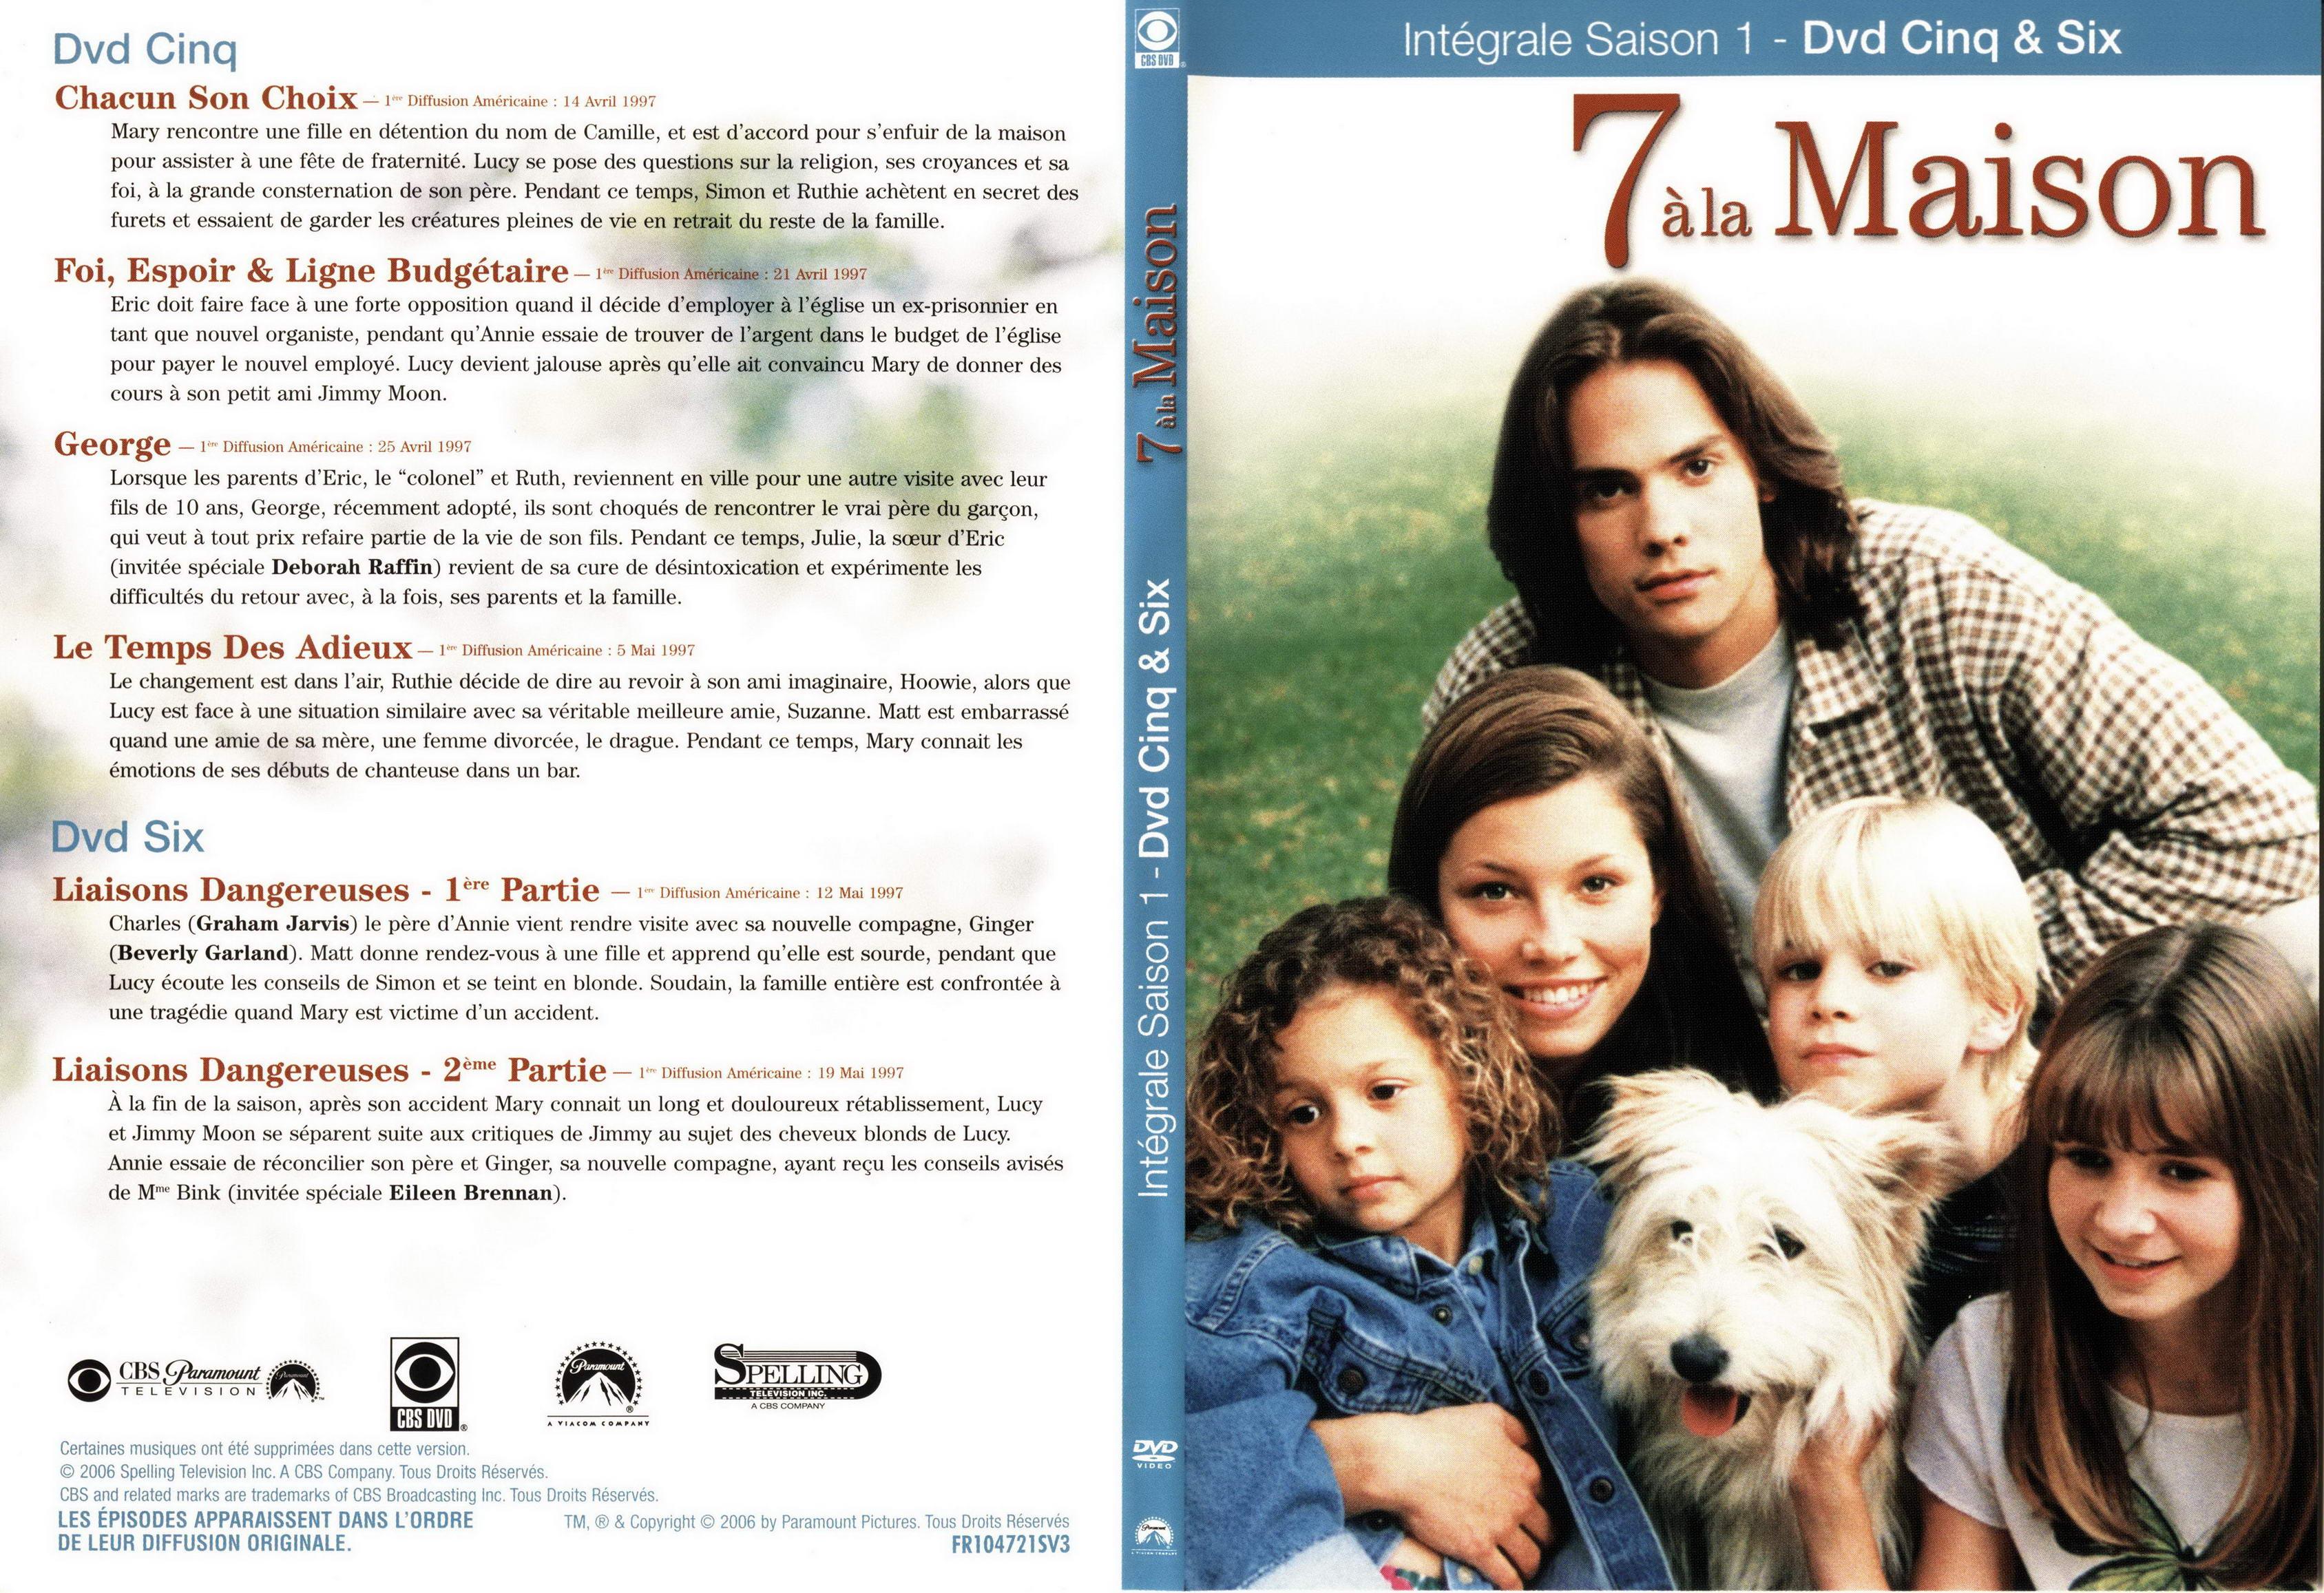 Jaquette slim dvd for 7 a la maison saison 1